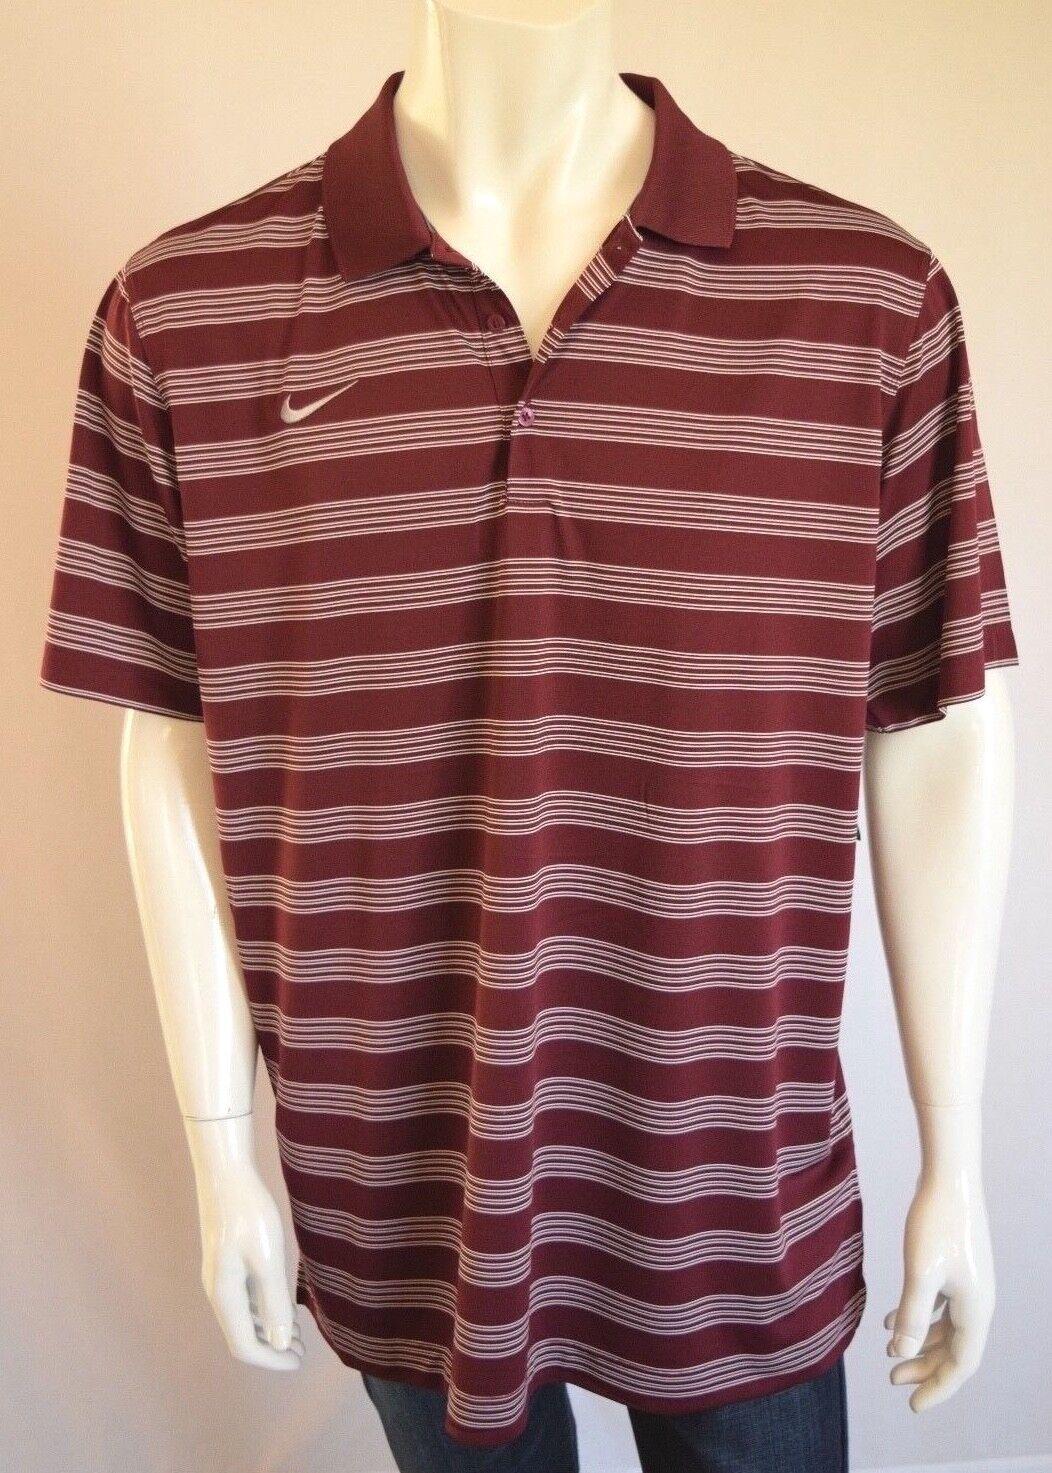 Nike Dri Fit Camisa Polo de tiempo  de juego para Hombres Talla Grande en profundo vino granate  punto de venta en línea